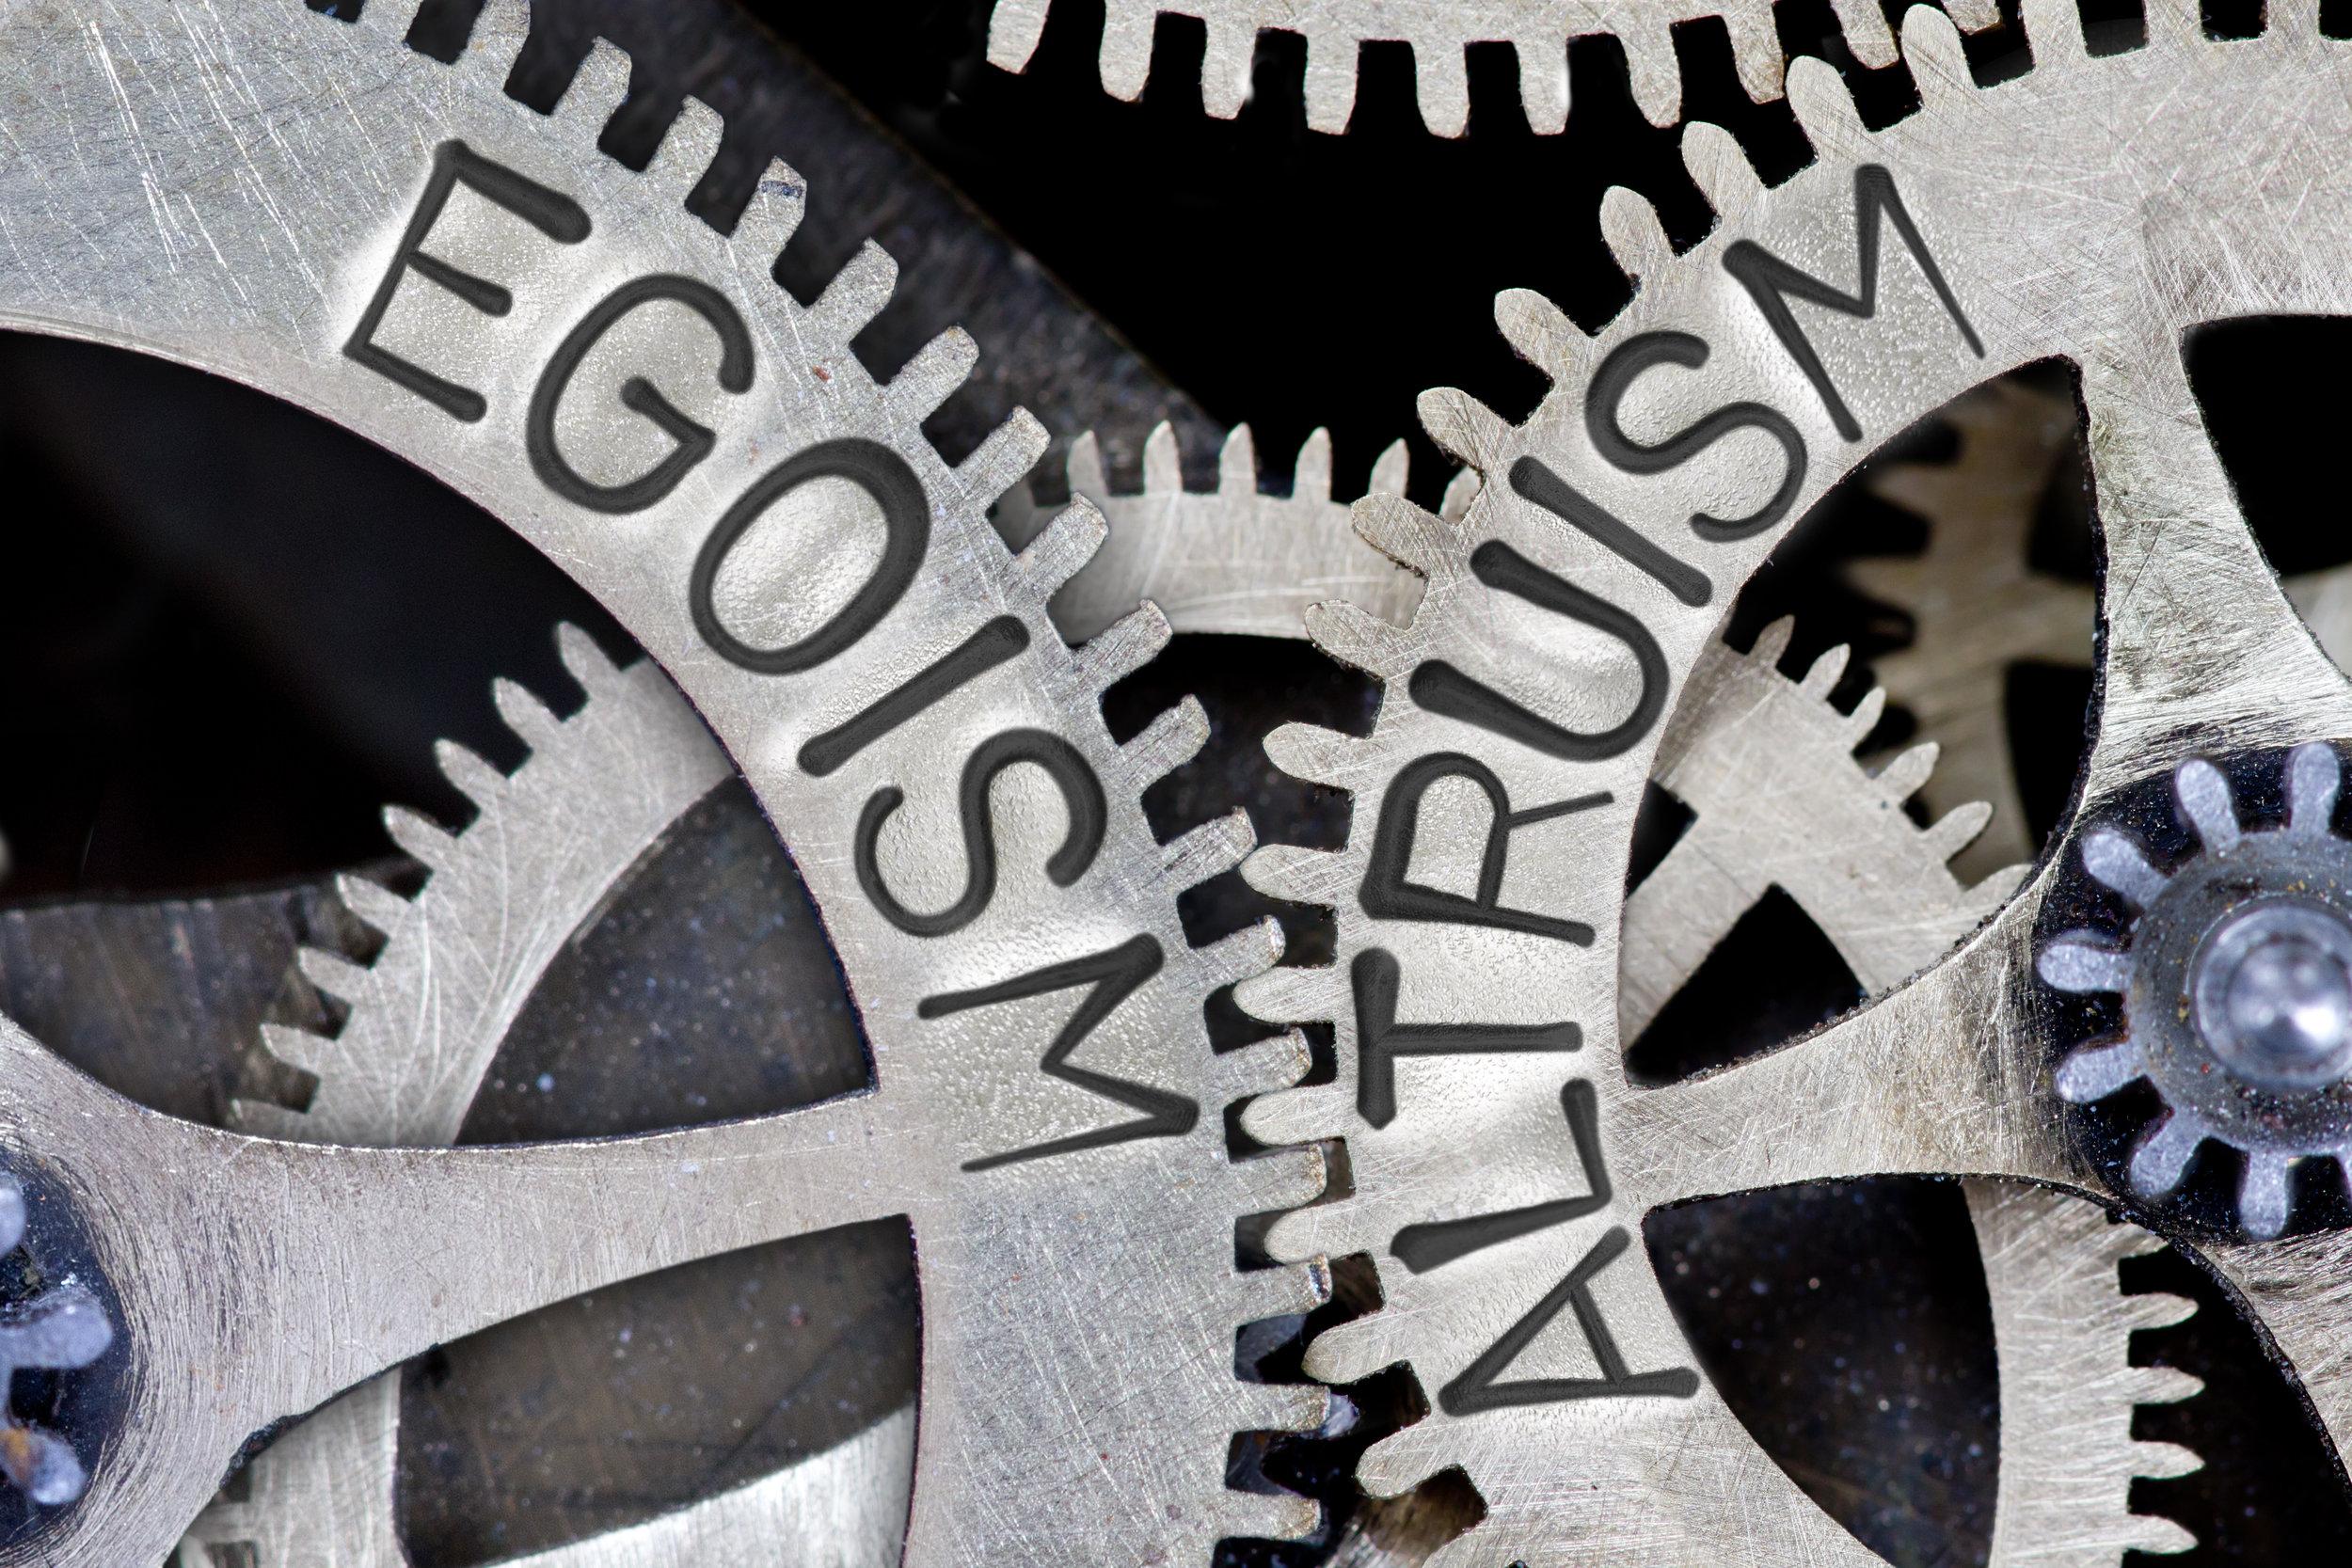 Egoism vs Altruism in Business